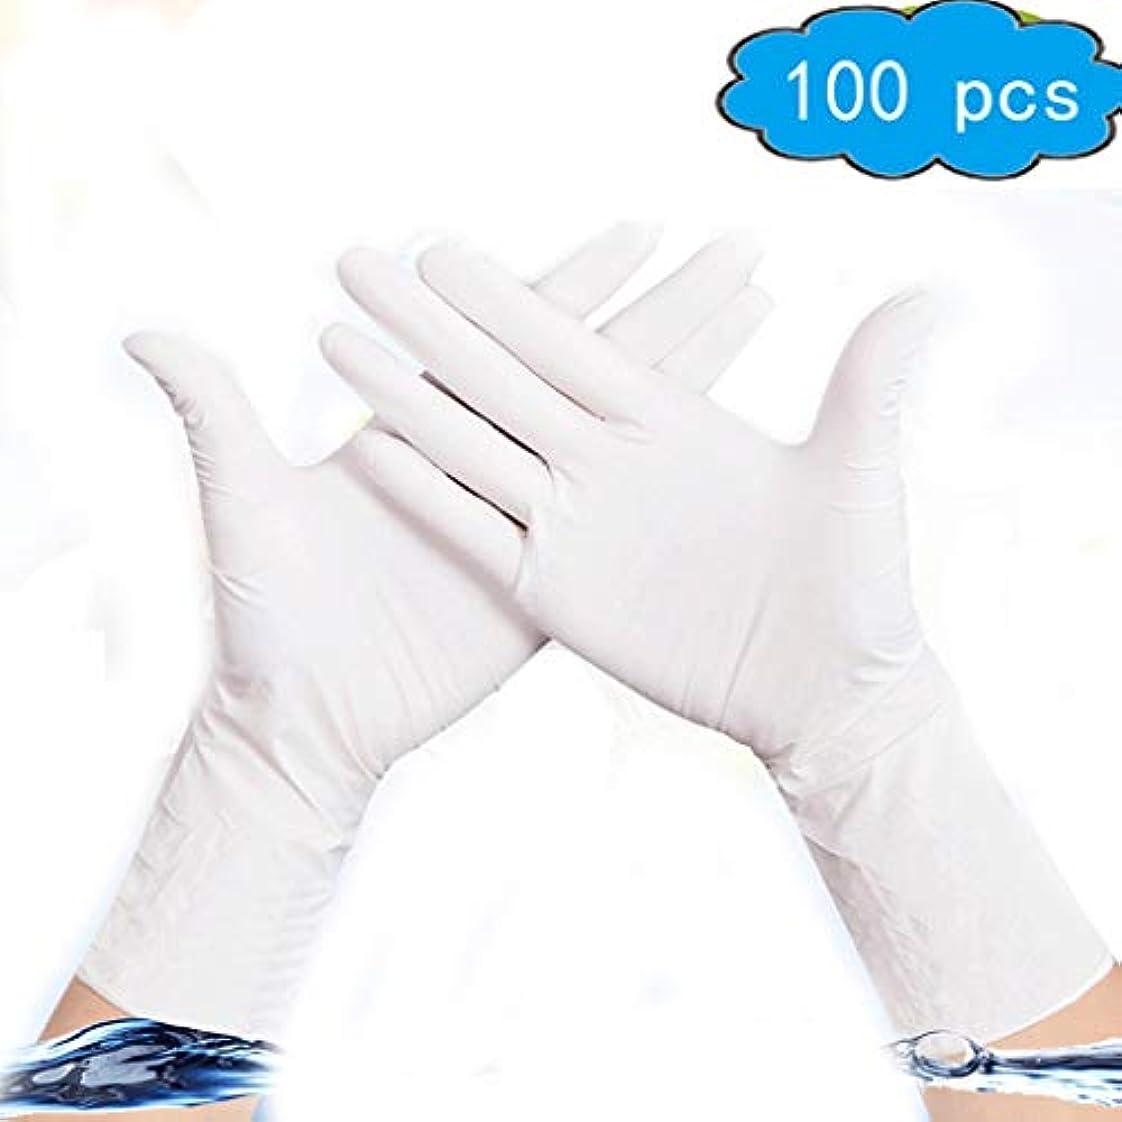 風が強い複合単なる使い捨てニトリル手袋、無粉末、滑らかな肌触り、食品グレード、非滅菌[100パック]、サニタリー手袋、家庭用品、ツール&ホームインプルーブメント (Color : White, Size : XS)